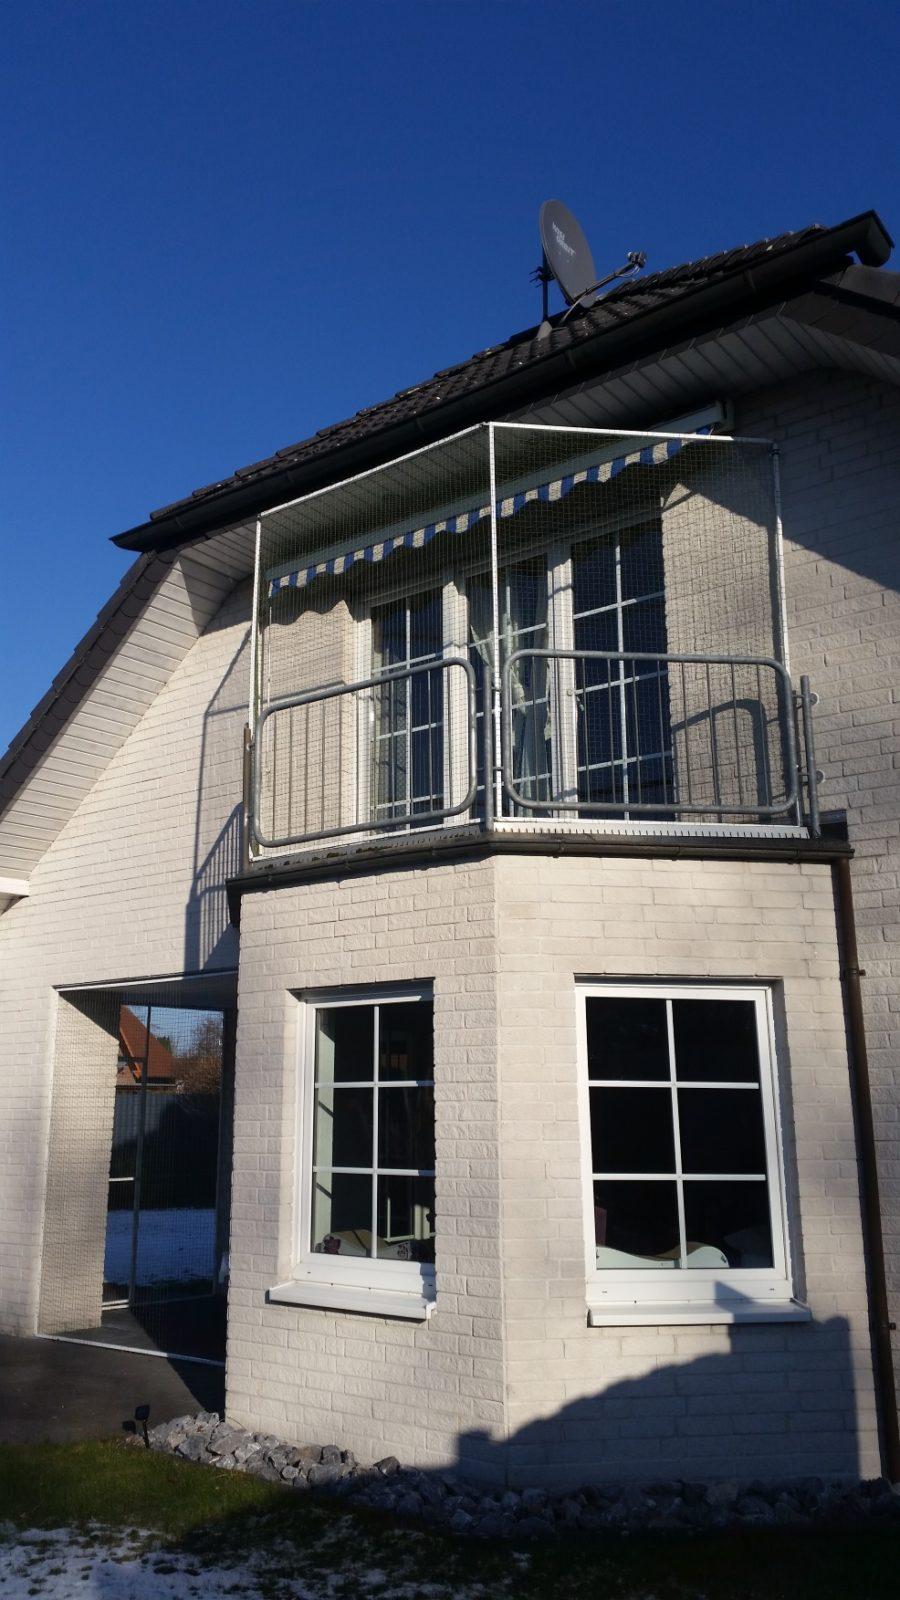 balkon und terrasse mit katzennetz system abgesichert katzennetze nrw der katzennetz profi. Black Bedroom Furniture Sets. Home Design Ideas